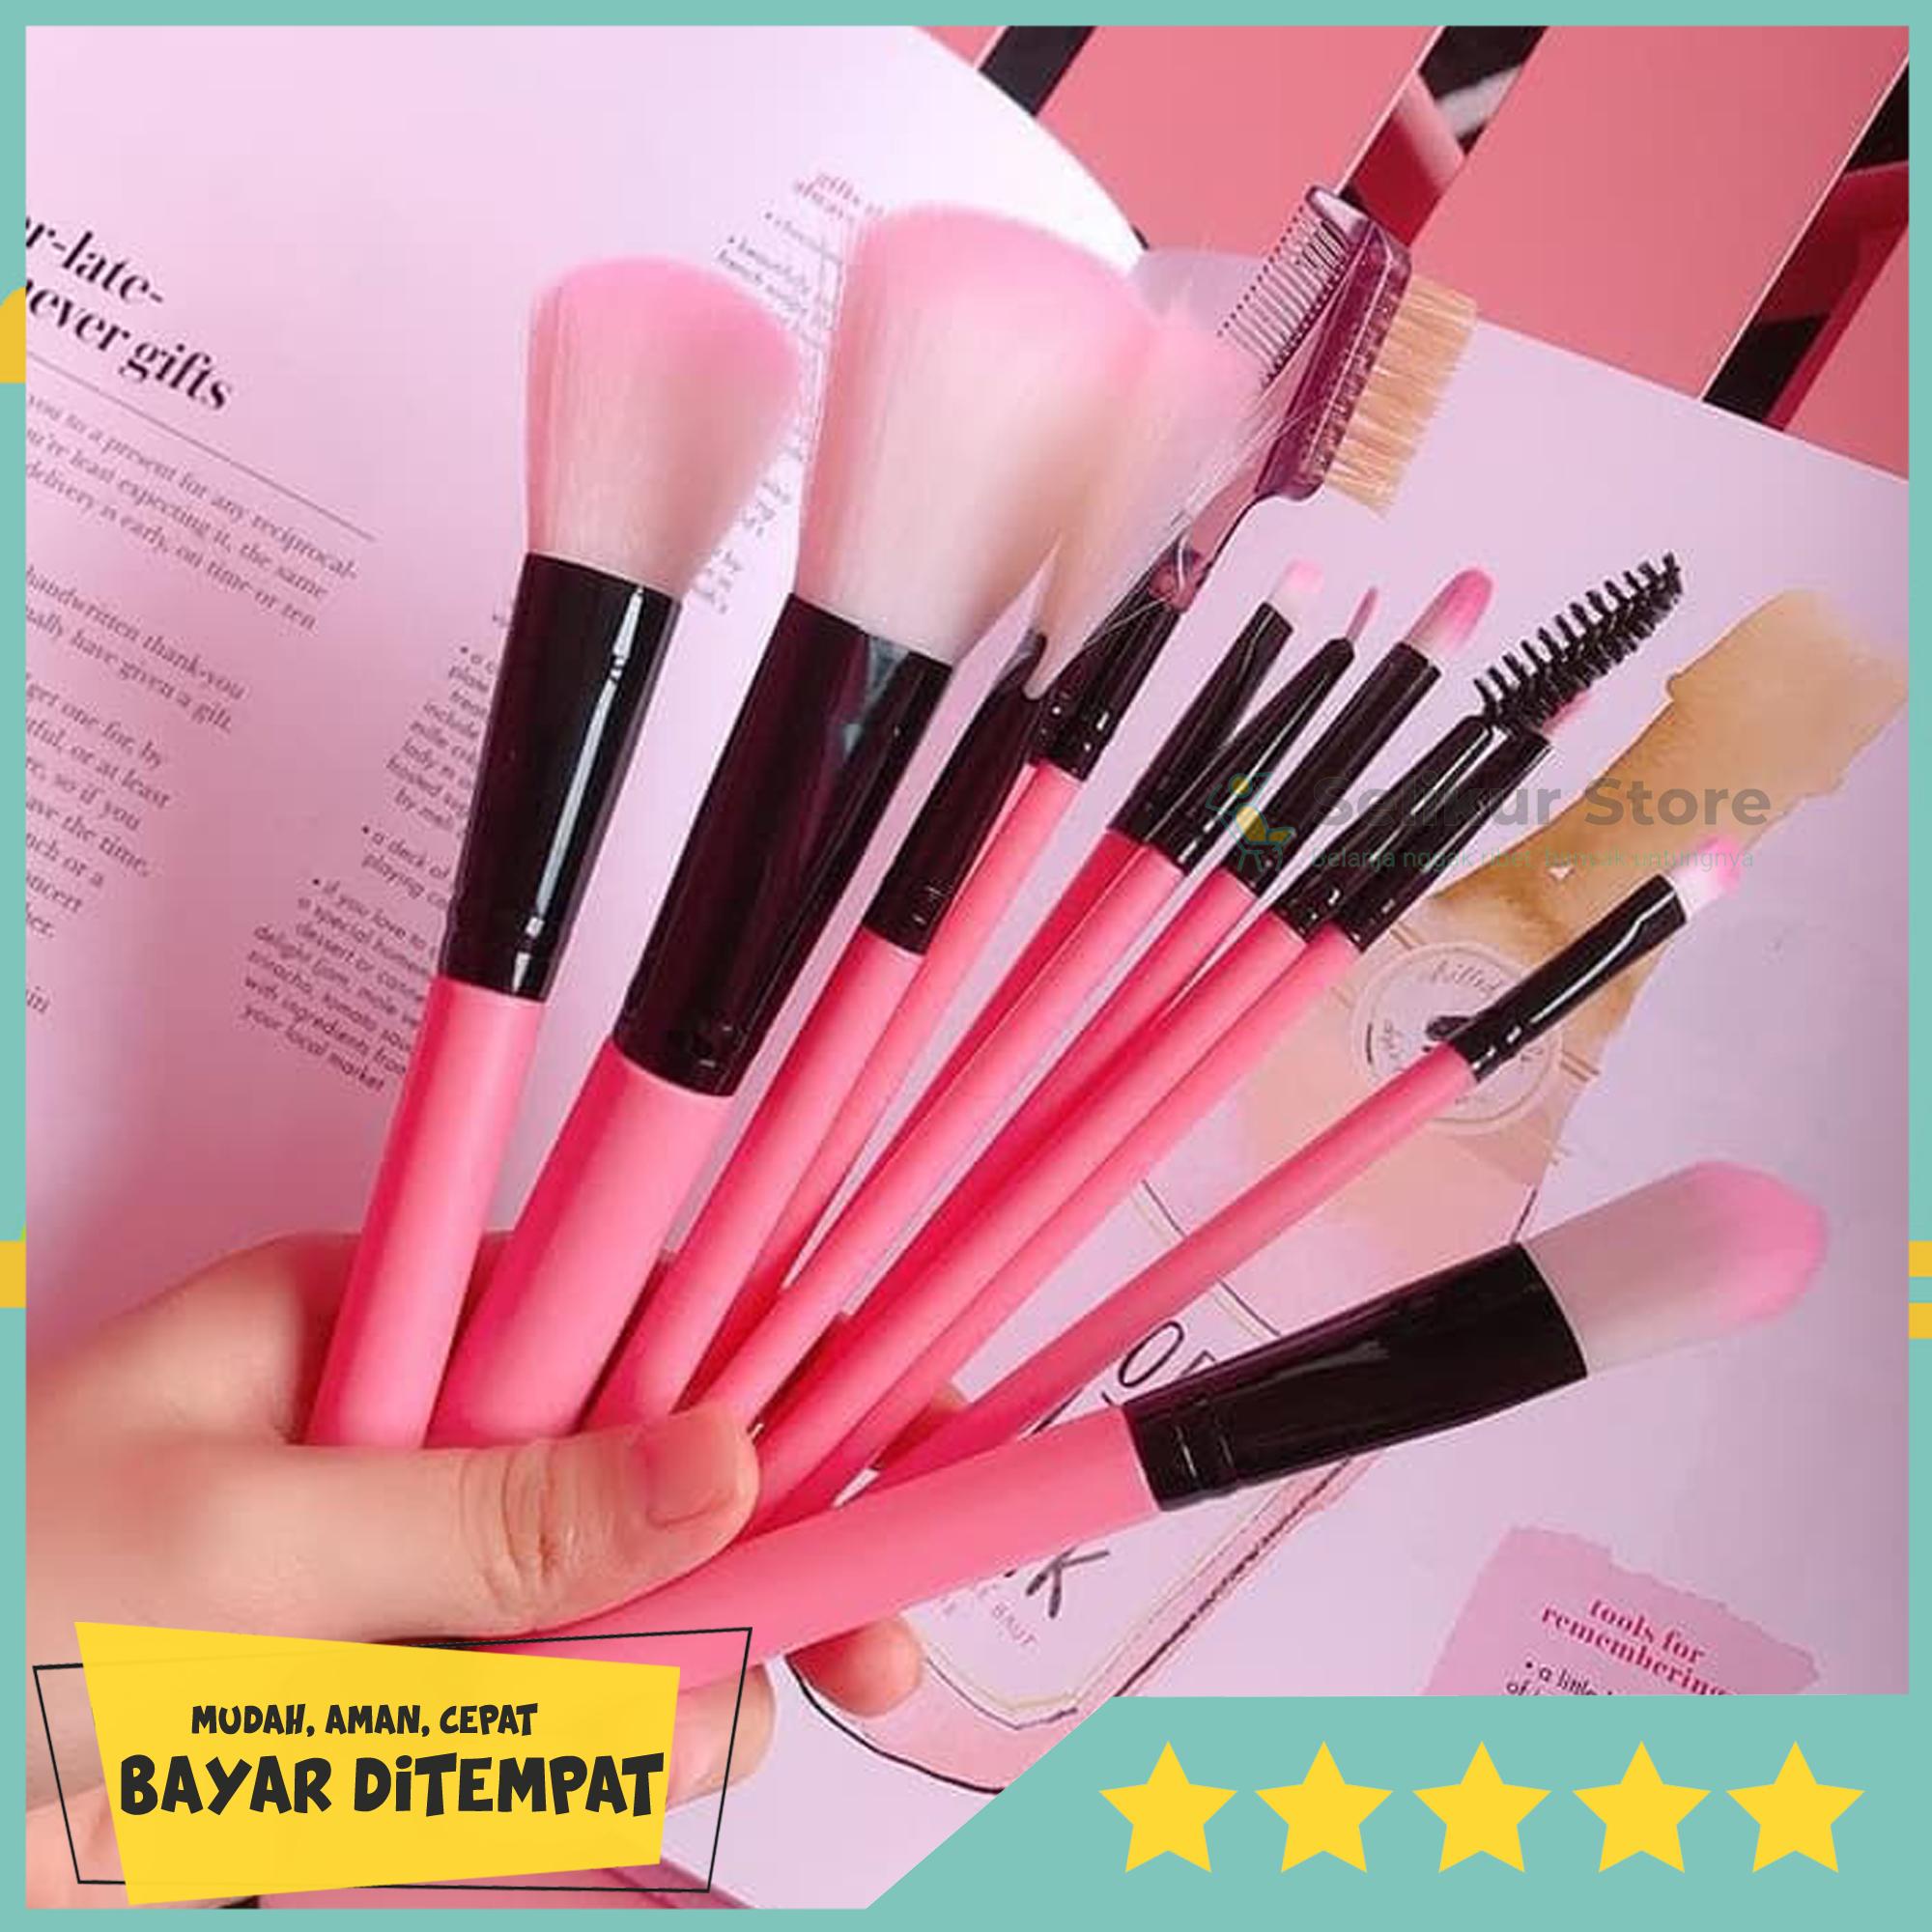 brush kuas make up 1 set   wardah kosmetik koas masker pria wanita / 10 in 1 make up brush / kuas make up isi 10 pcs